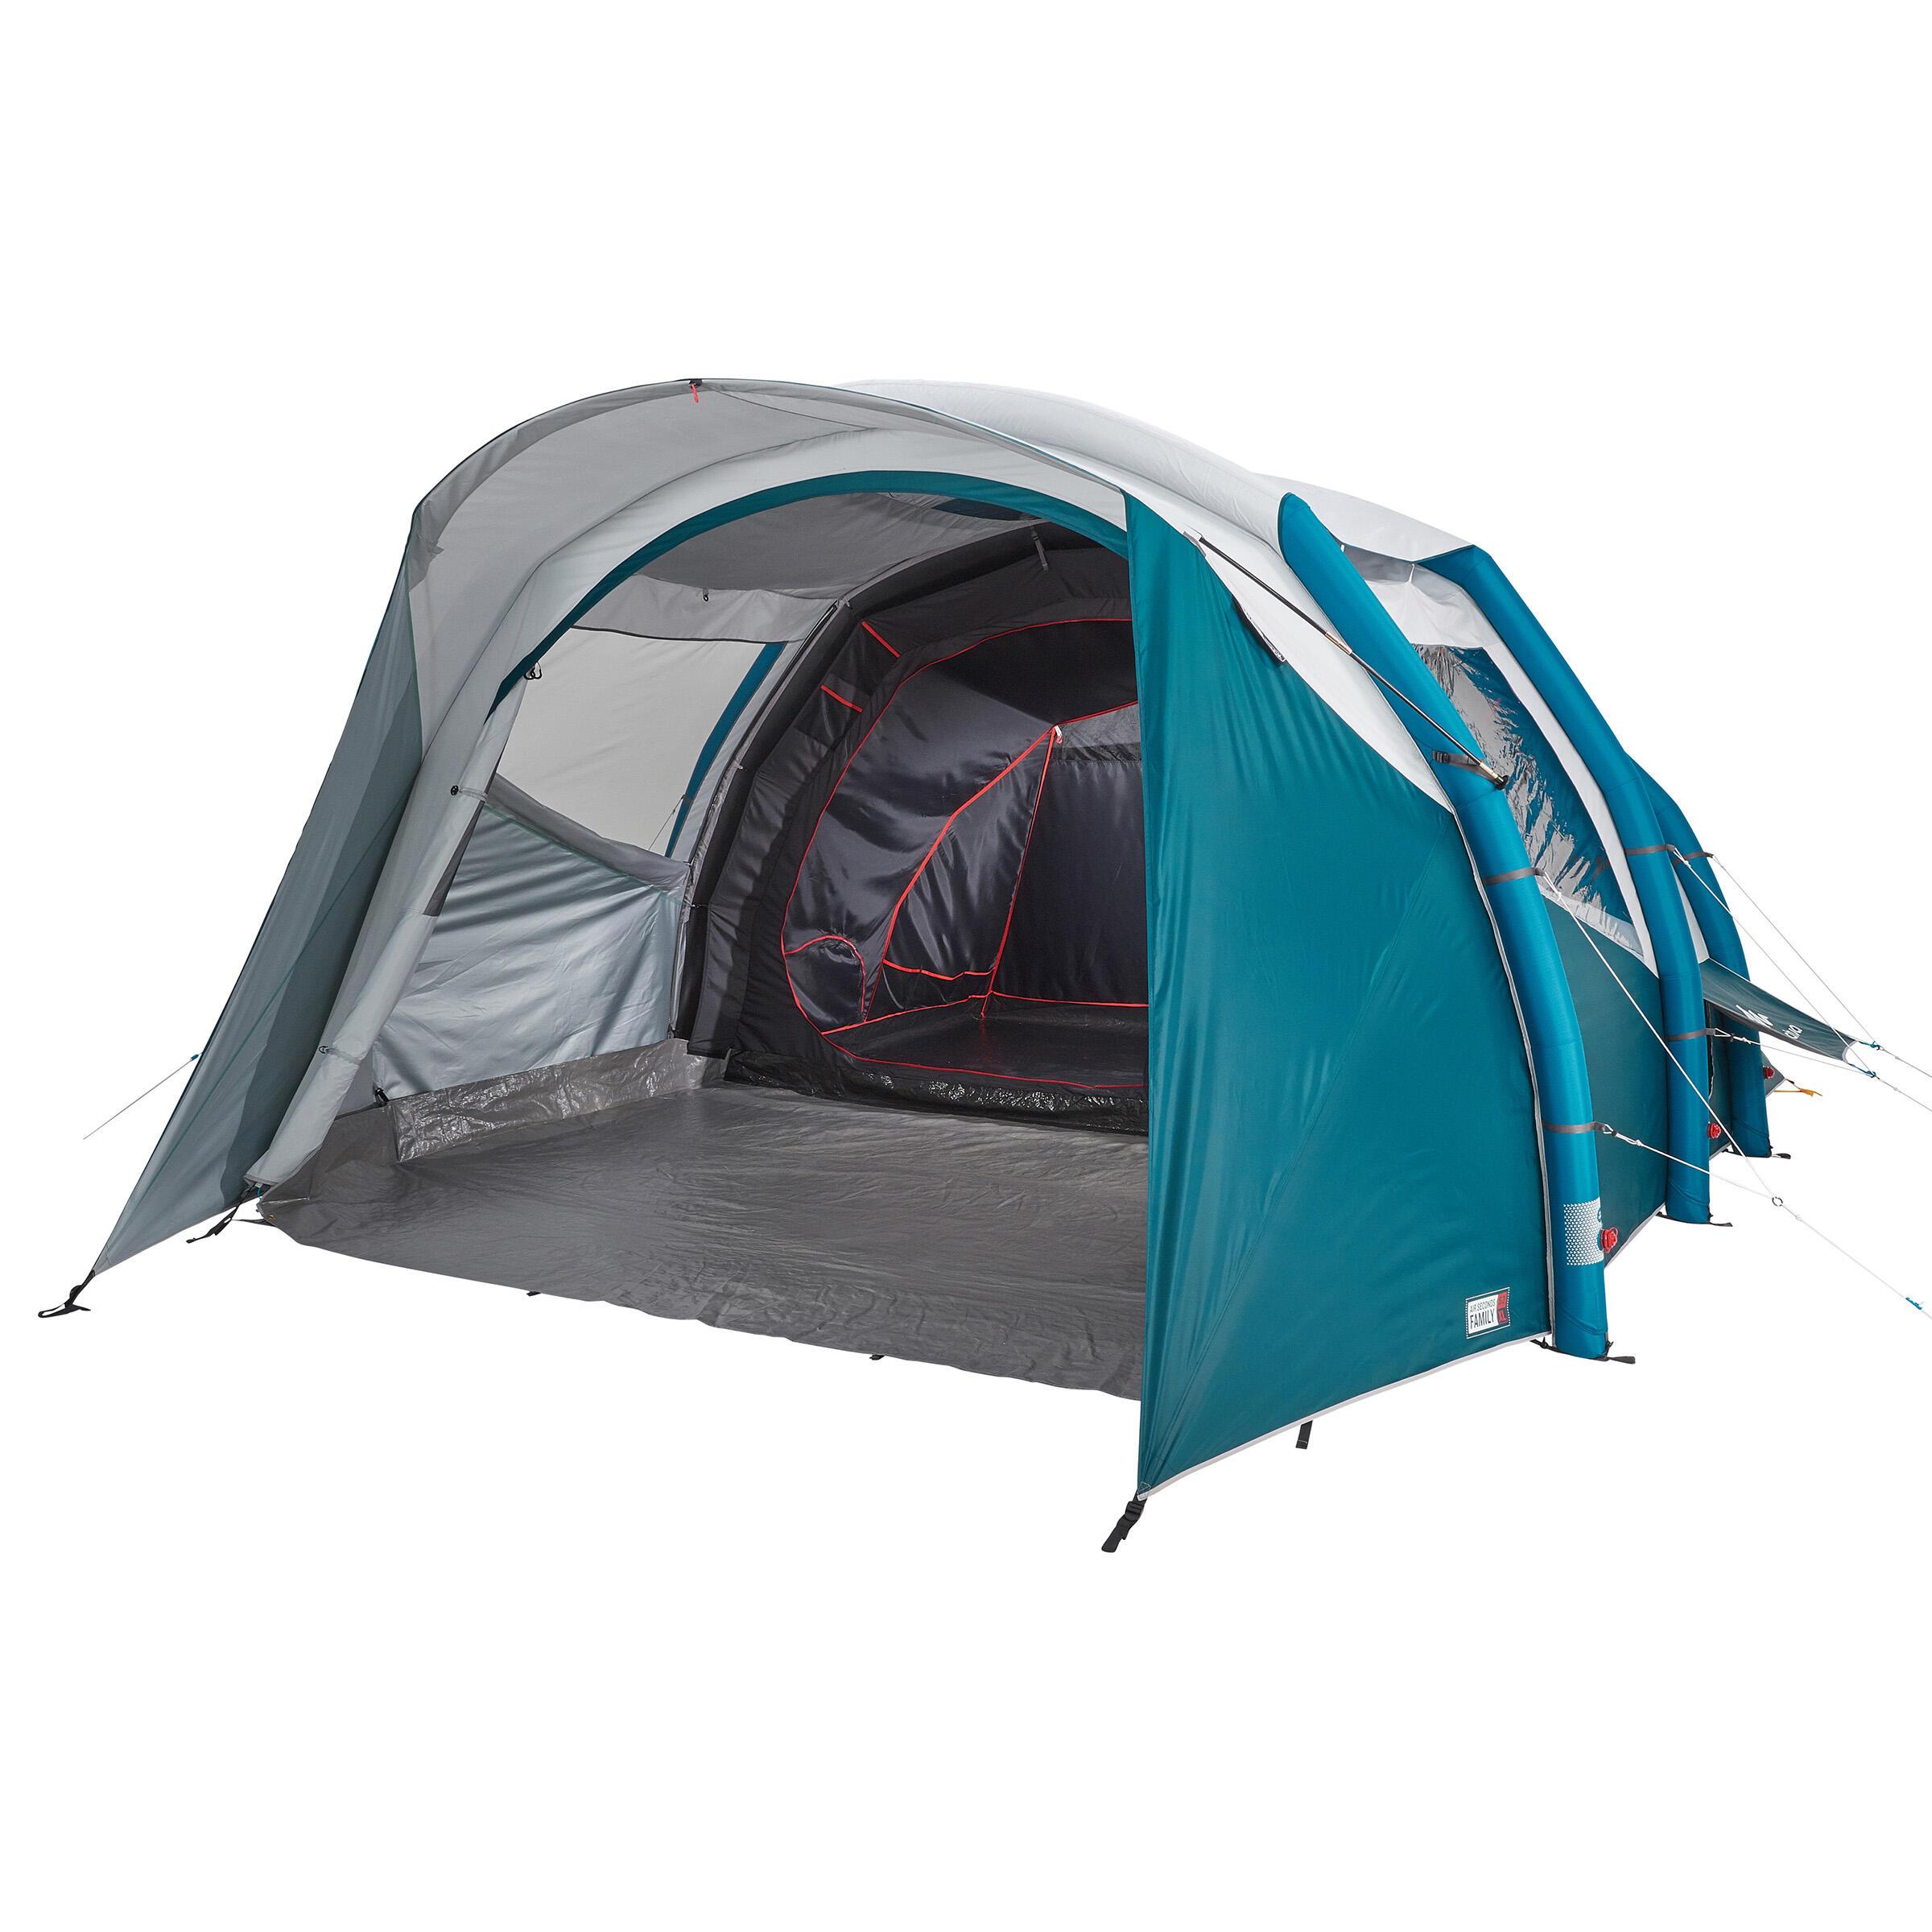 Quechua Opblaasbare tent | 5 personen AIR SECONDS 5.2 FRESH&BLACK | 2 slaapcabines kopen? Lees eerst dit